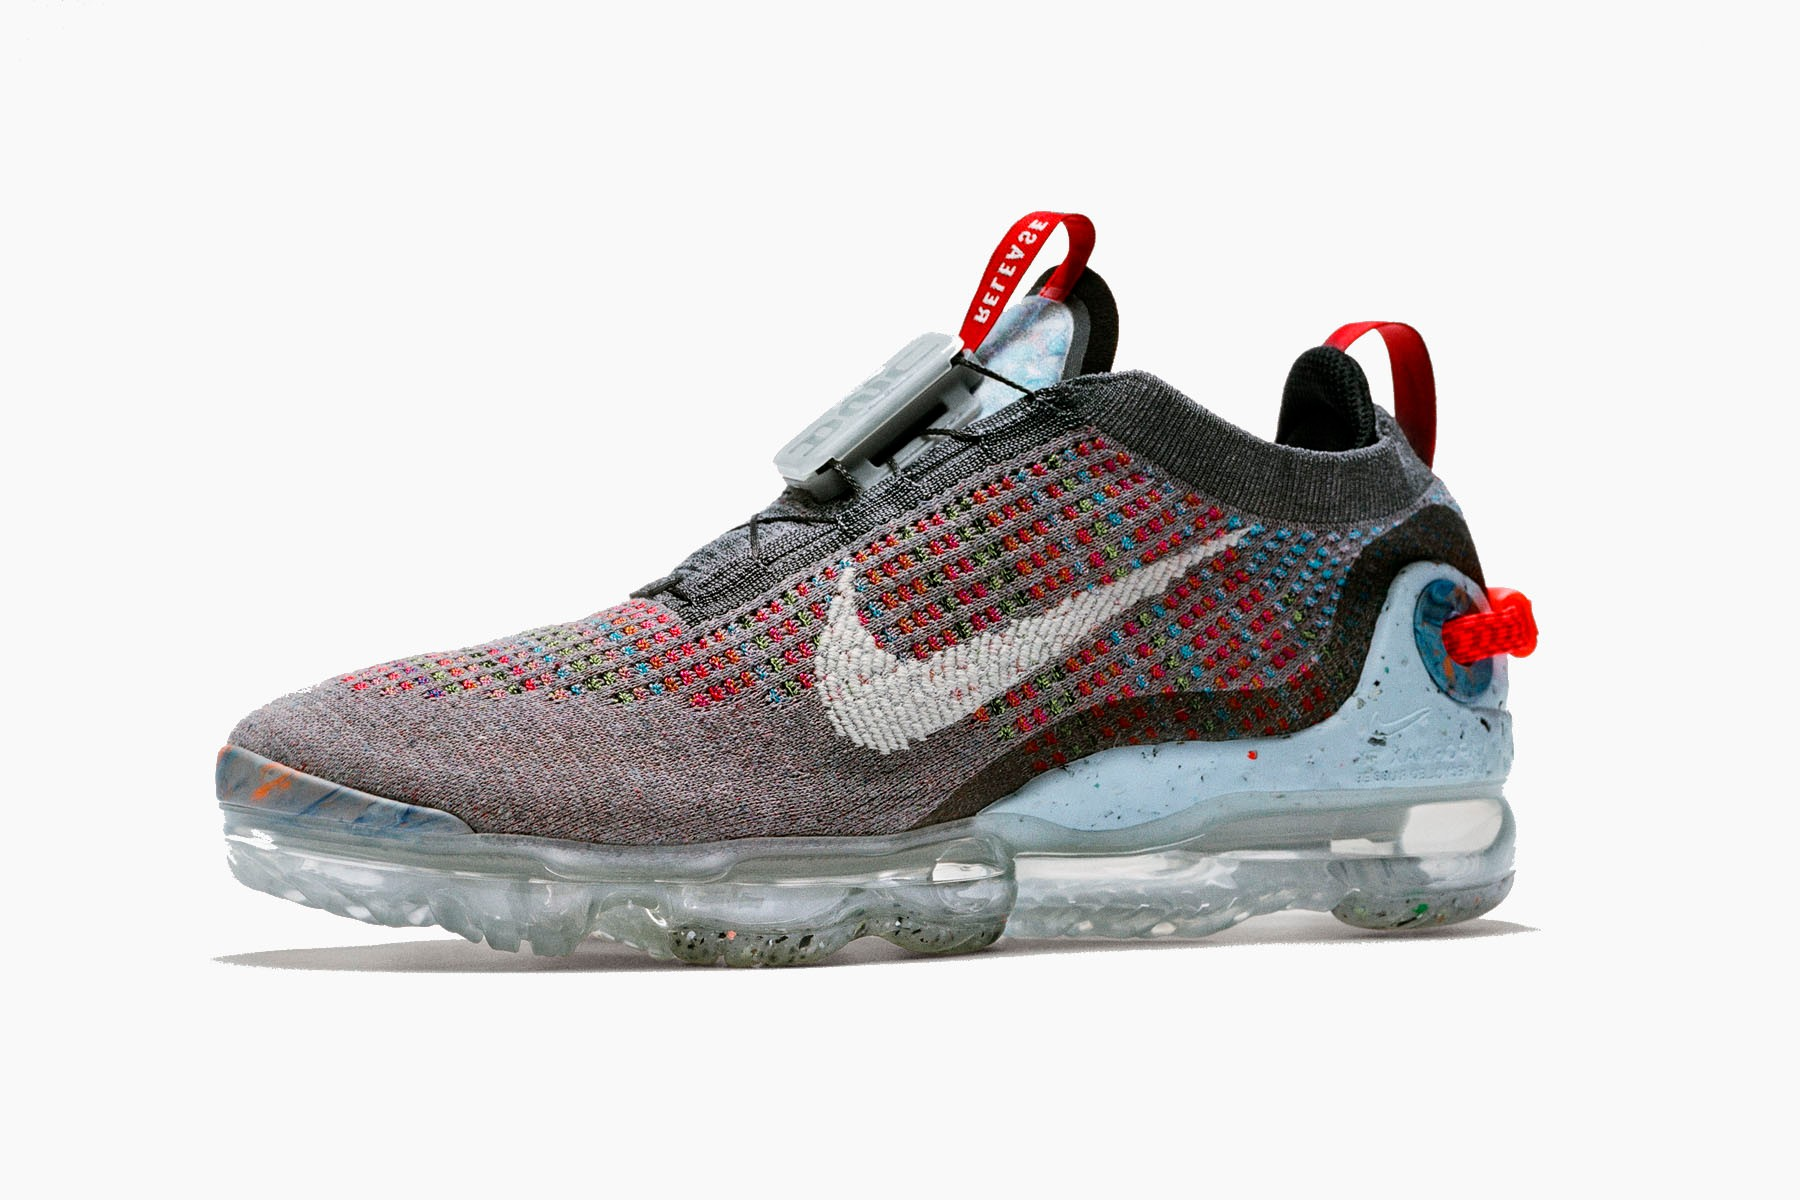 Nike Air VaporMax 2020 Sneaker Release